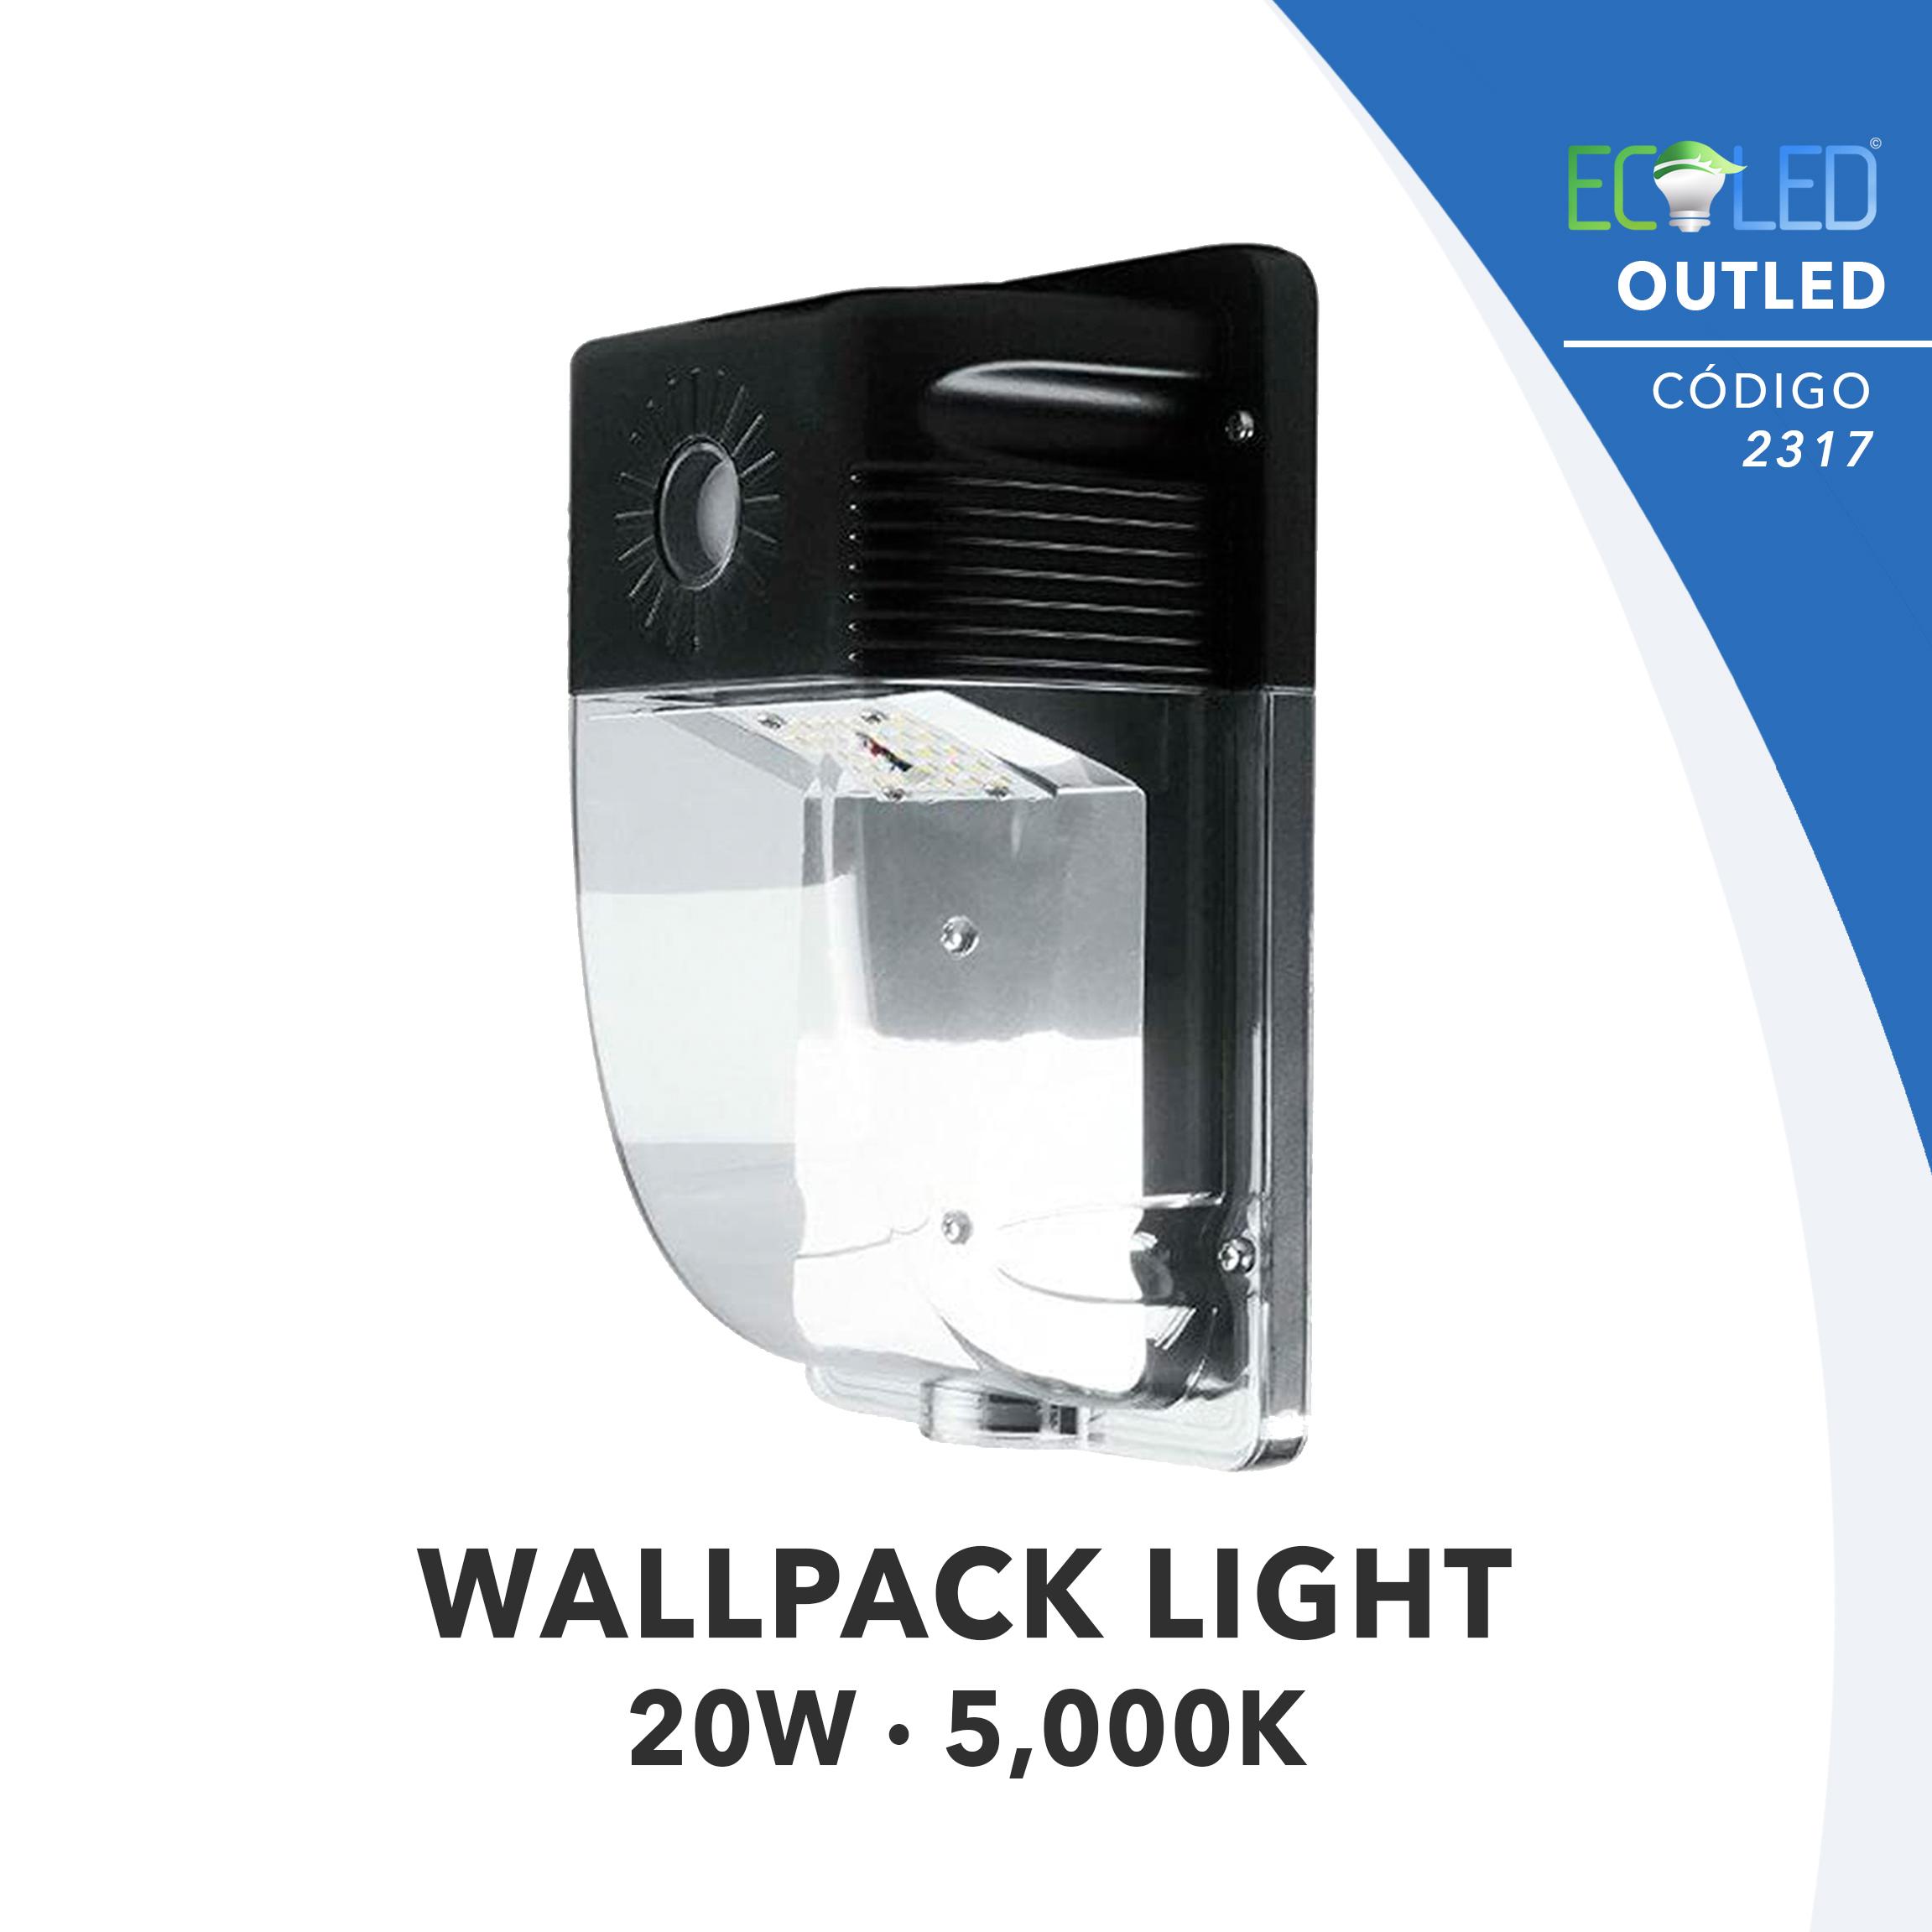 2317 · WALLPACK LIGHT · 20W